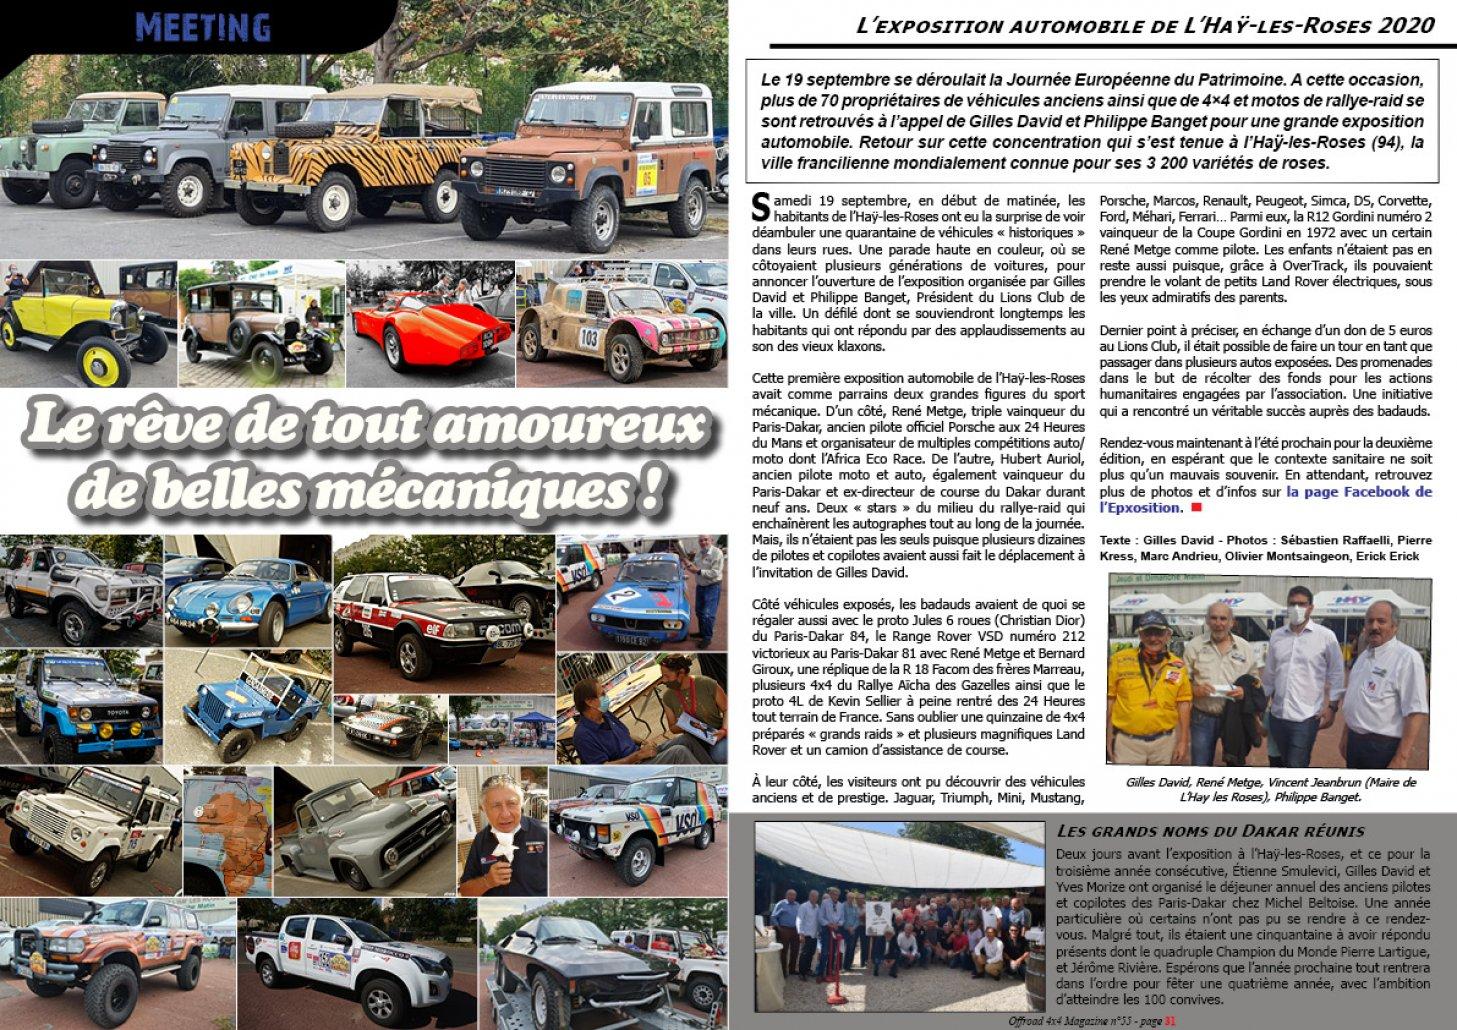 'exposition auto de L'Haÿ-les-Roses 2020